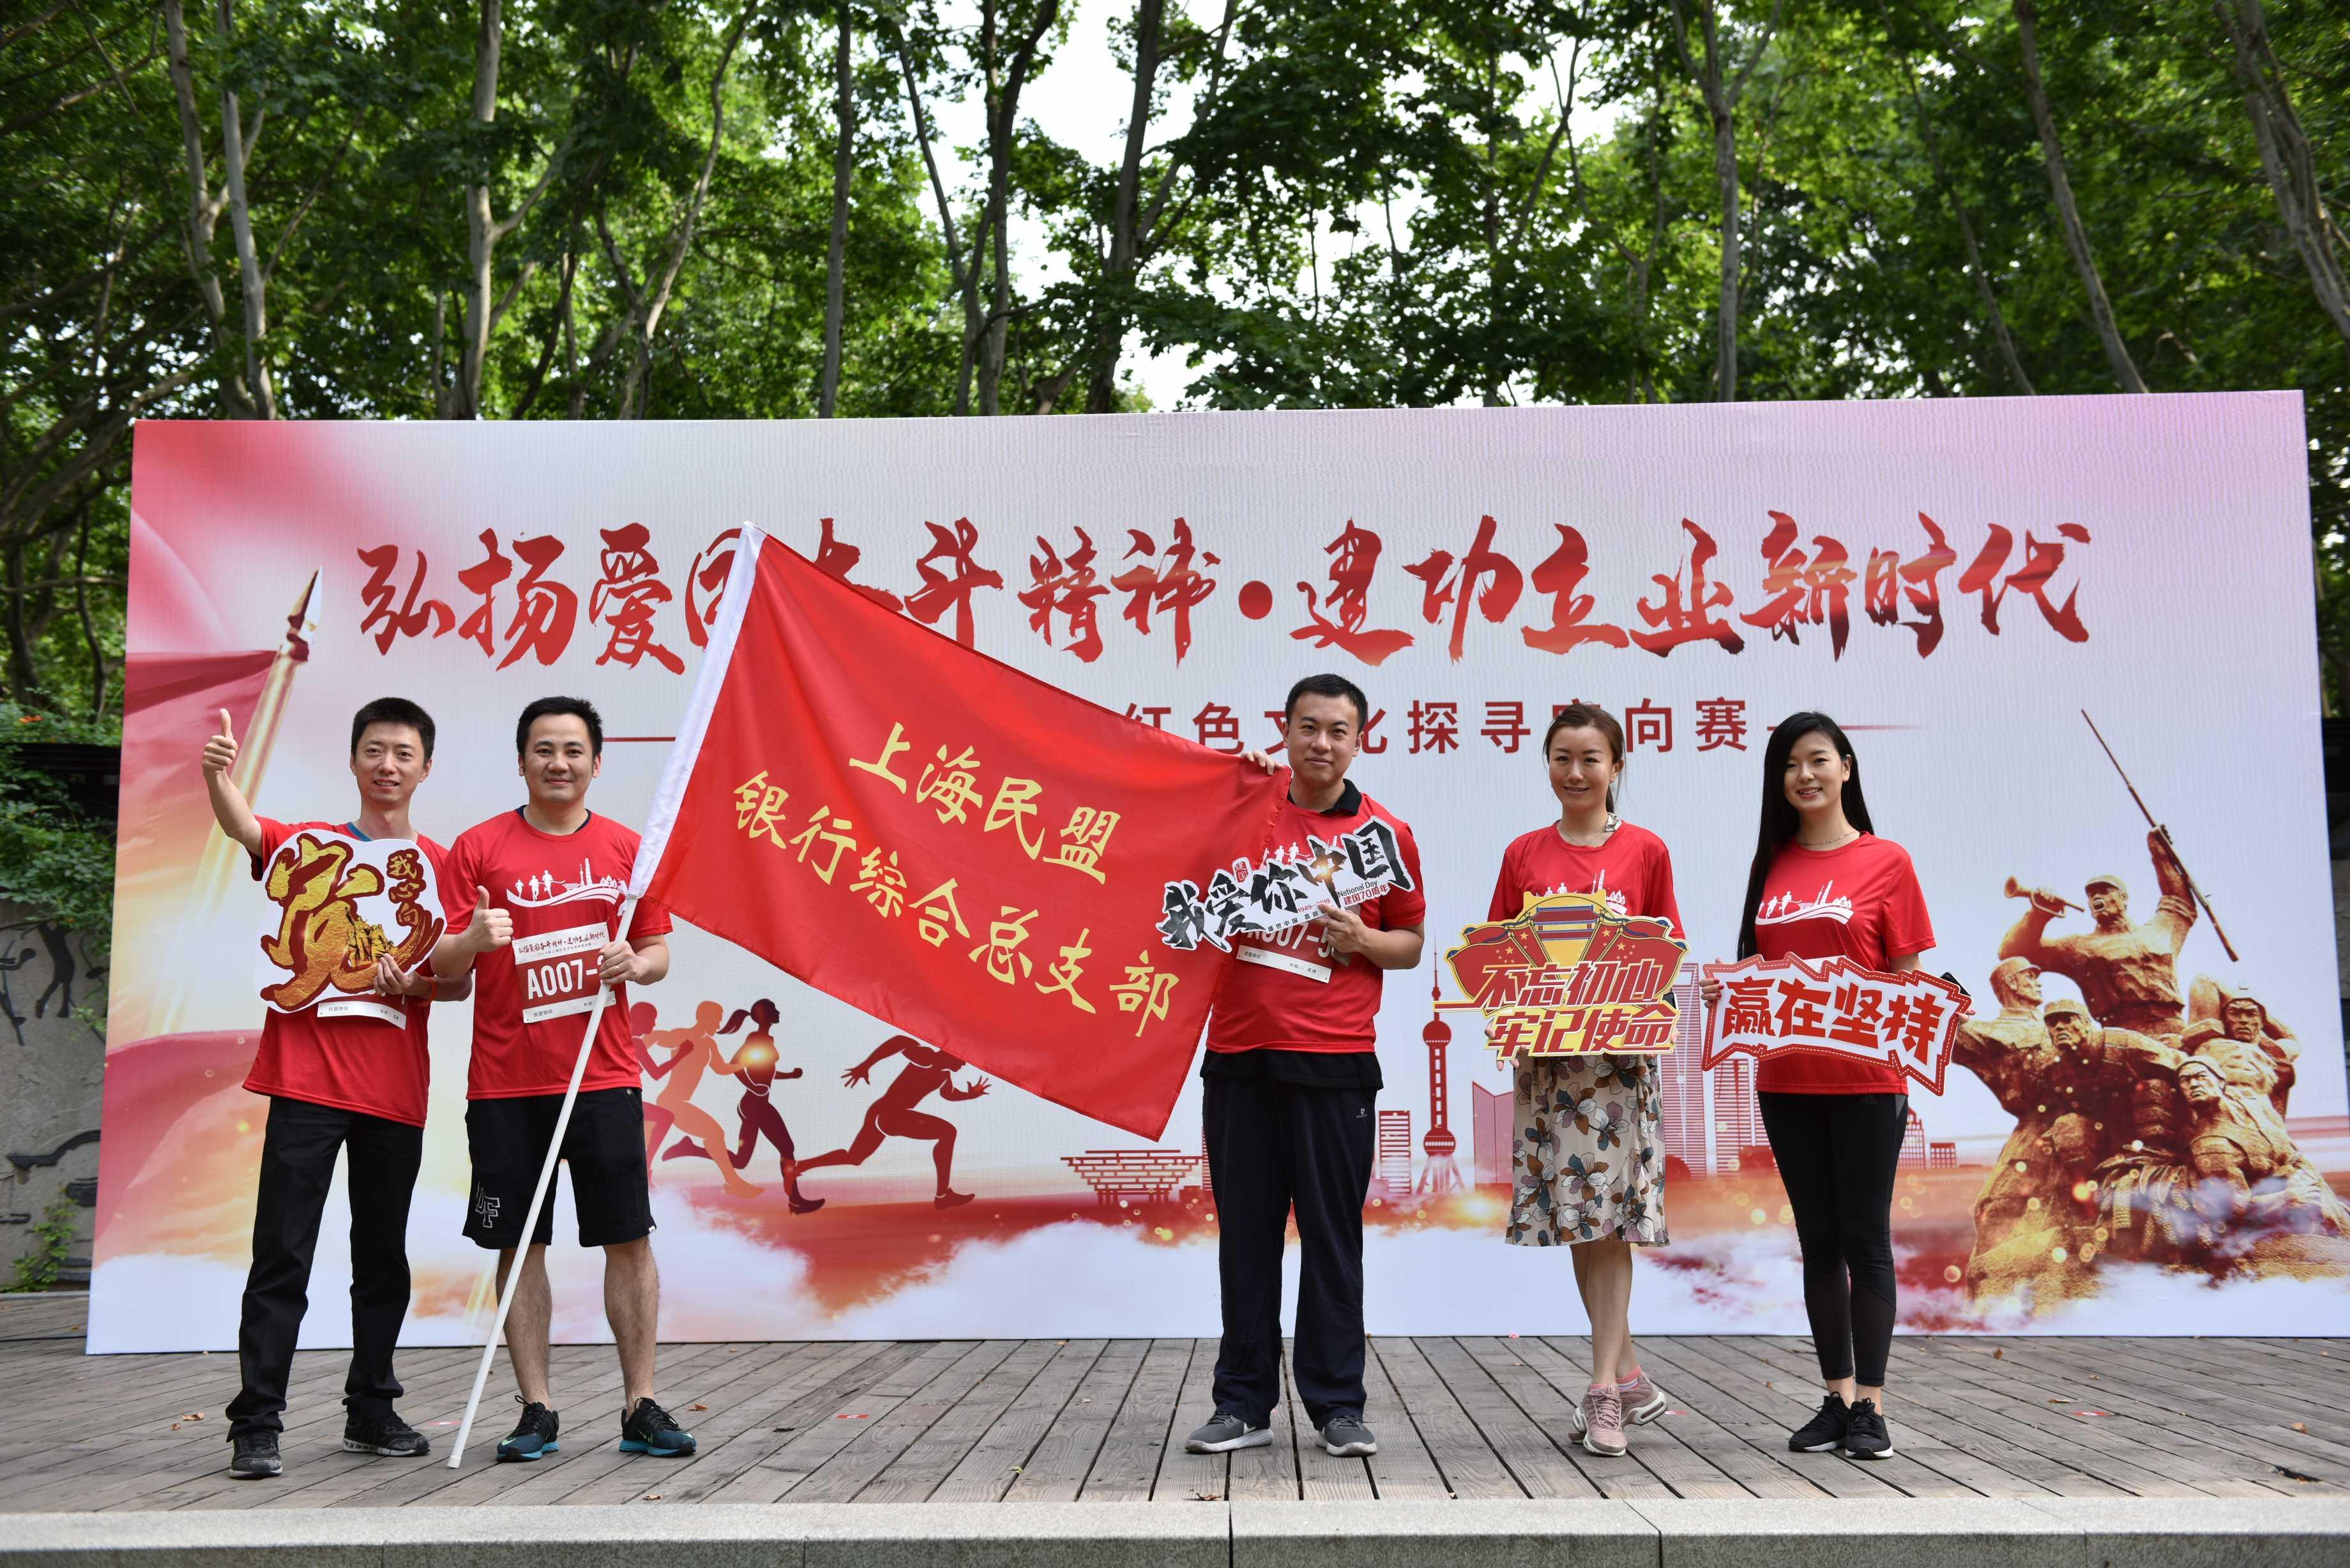 上海金融党■委定向赛-DSC_0558